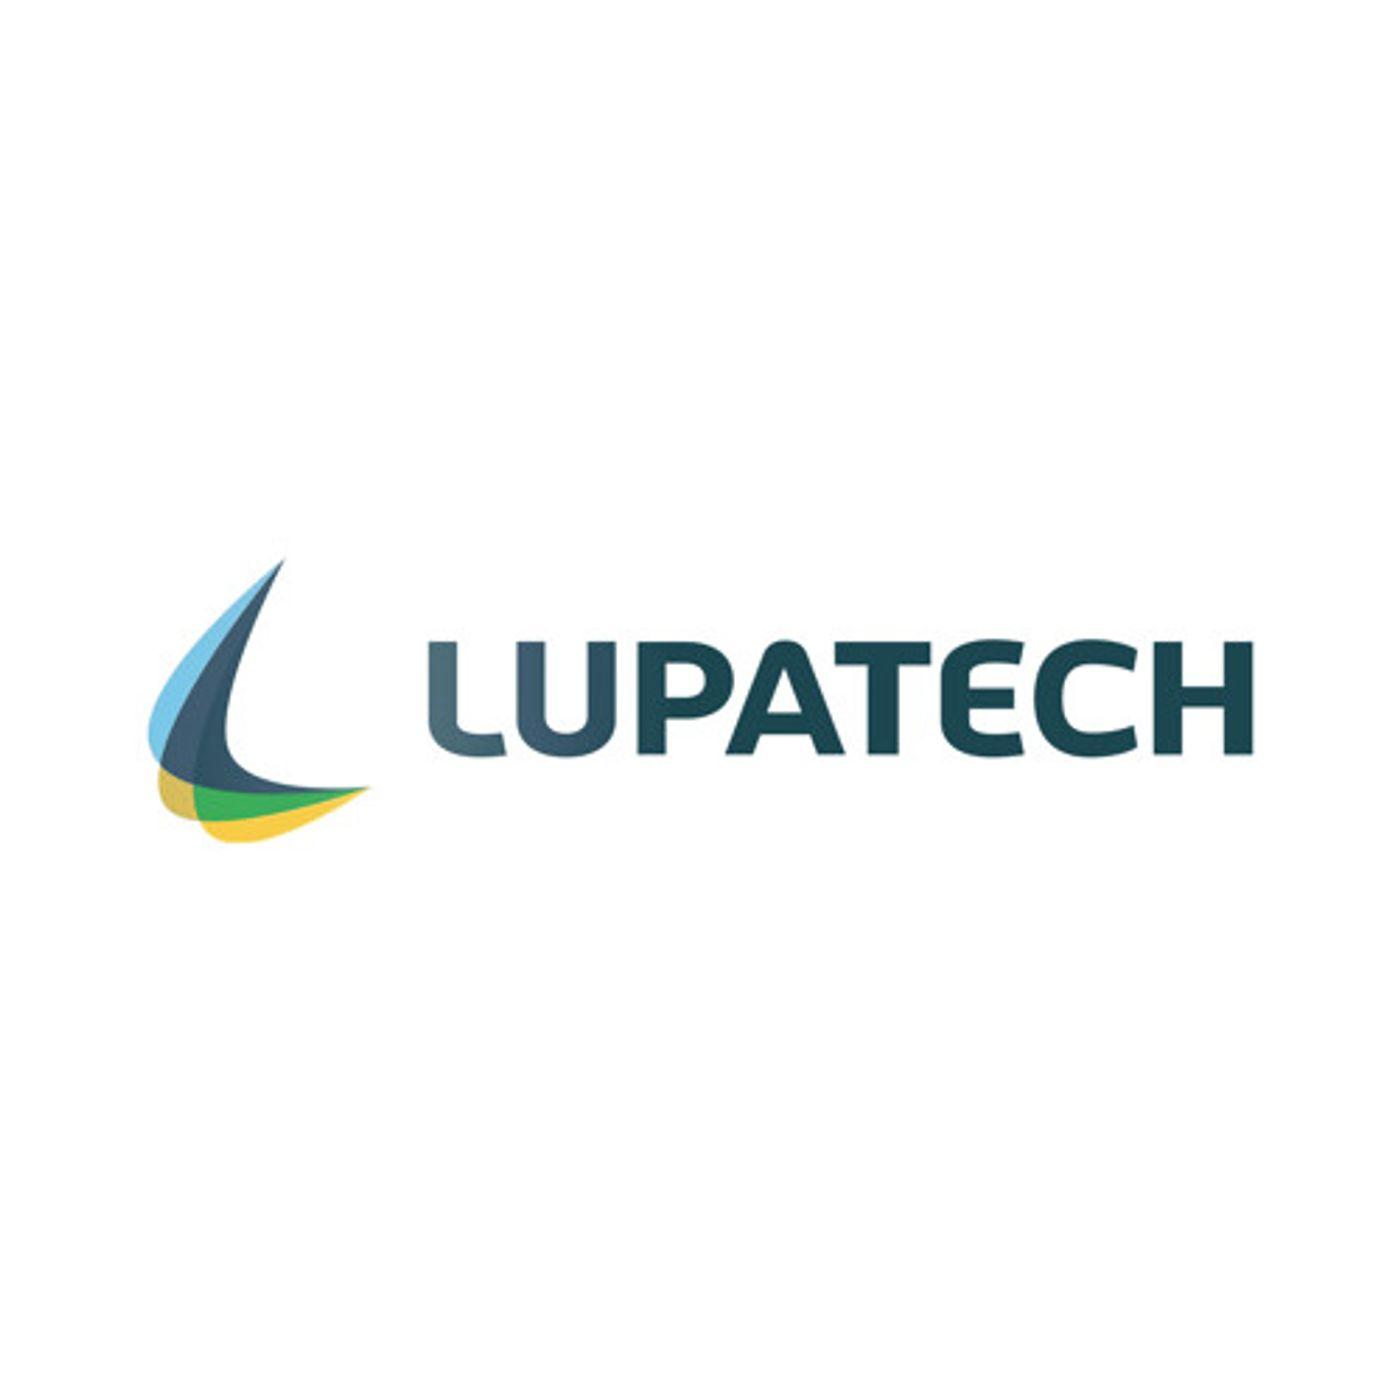 Teleconferência de Resultados da Lupatech (LUPA3) do 1T20